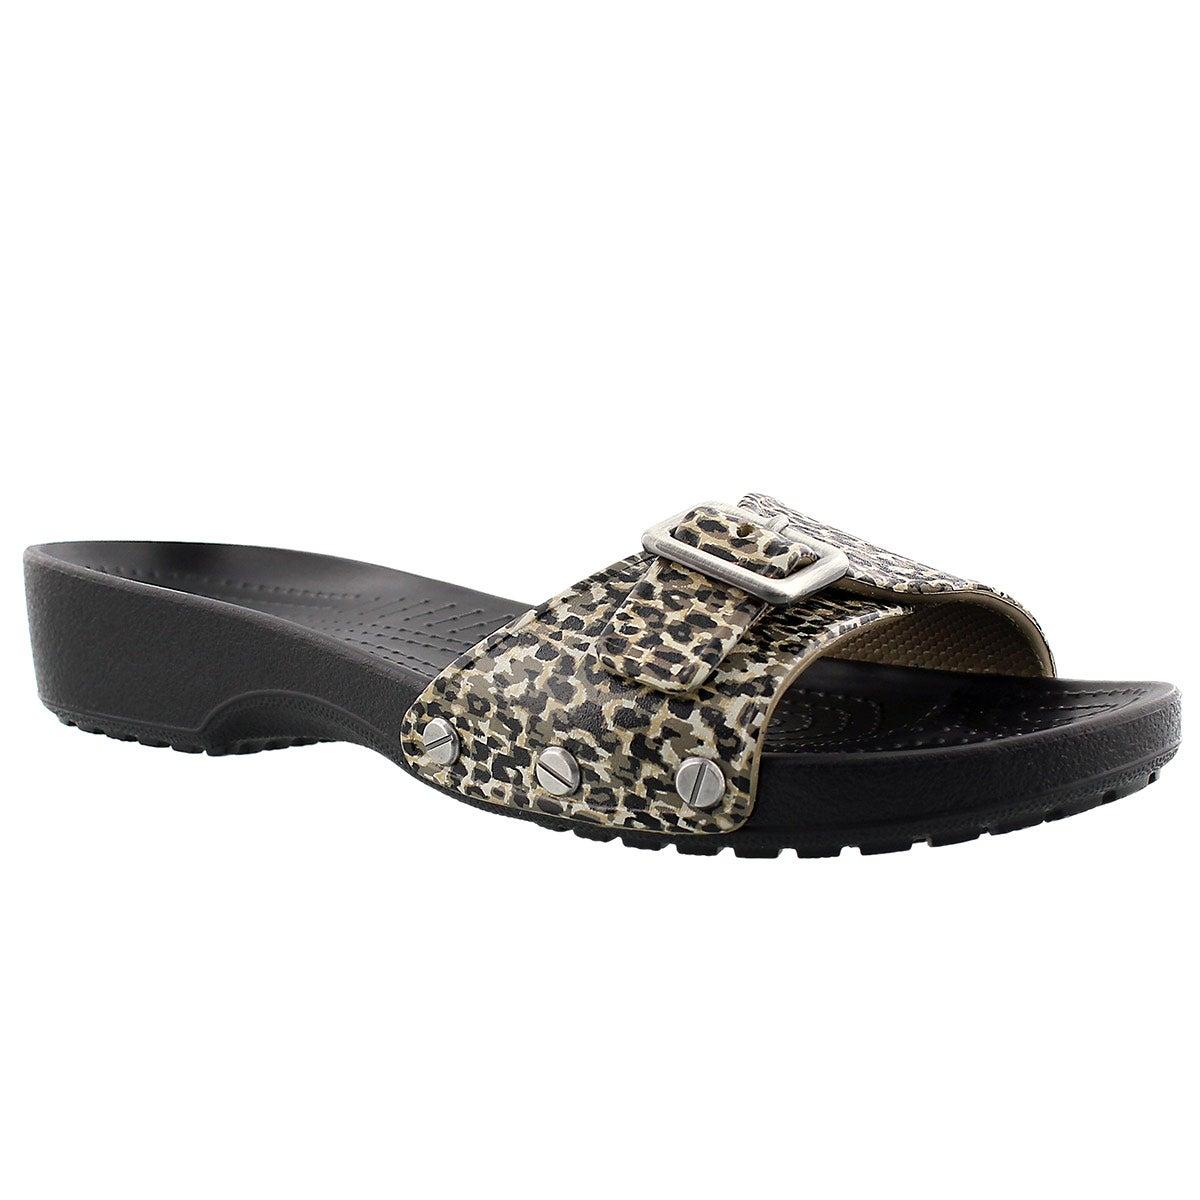 Lds Sarah Leopard blk casual sandal